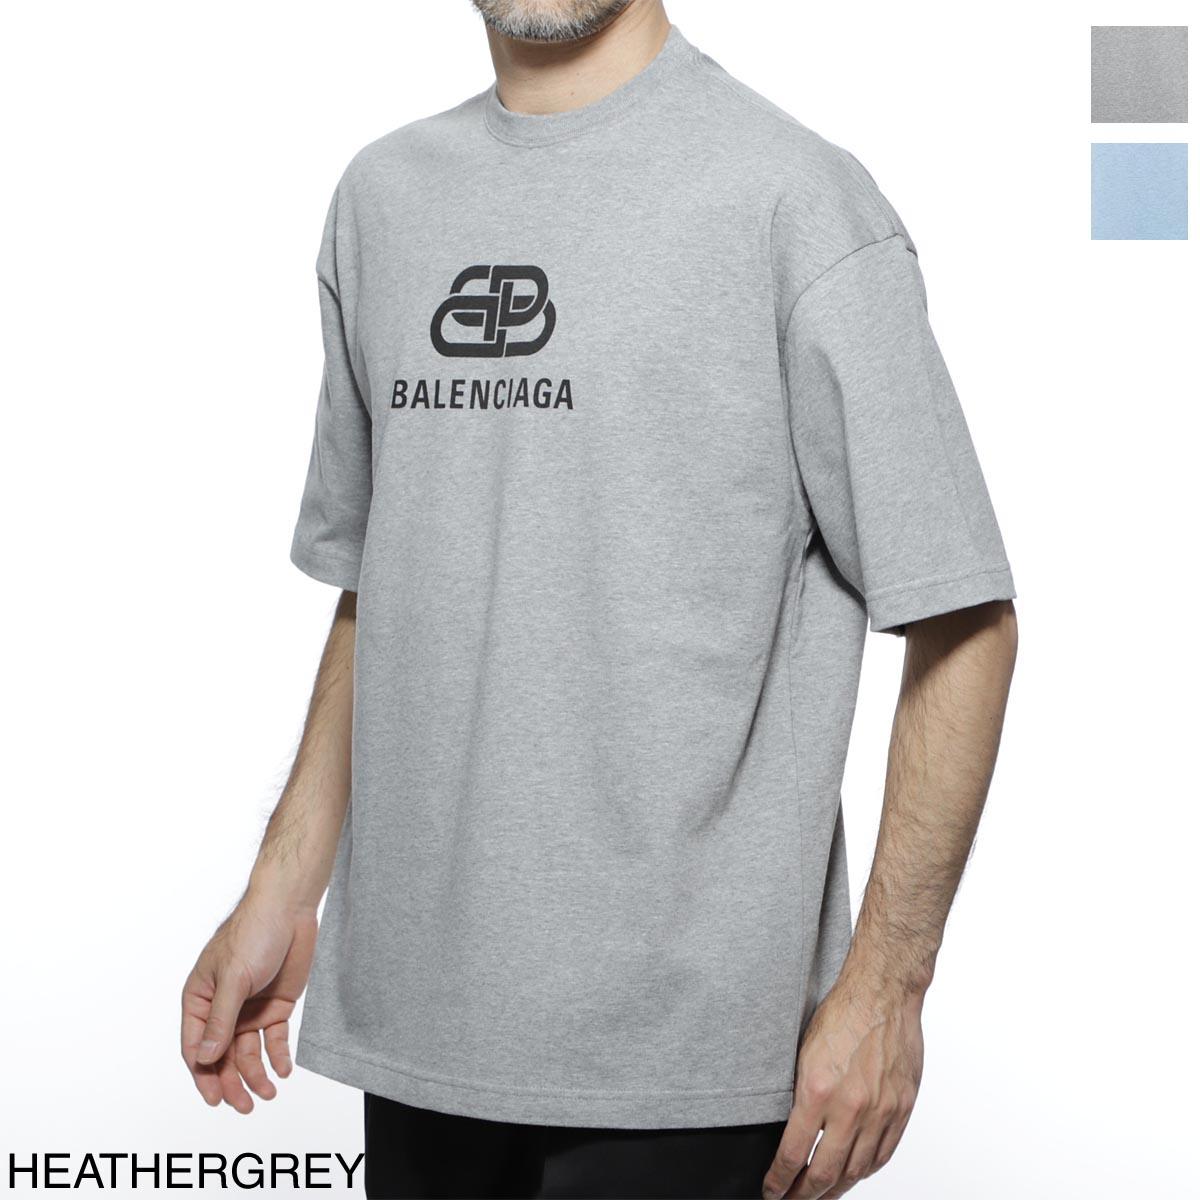 バレンシアガ BALENCIAGA クルーネック Tシャツ メンズ デザイン カットソー カジュアル 578139 tgv75 1300 BB LOGO T-SHIRT【あす楽対応_関東】【返品送料無料】【ラッピング無料】